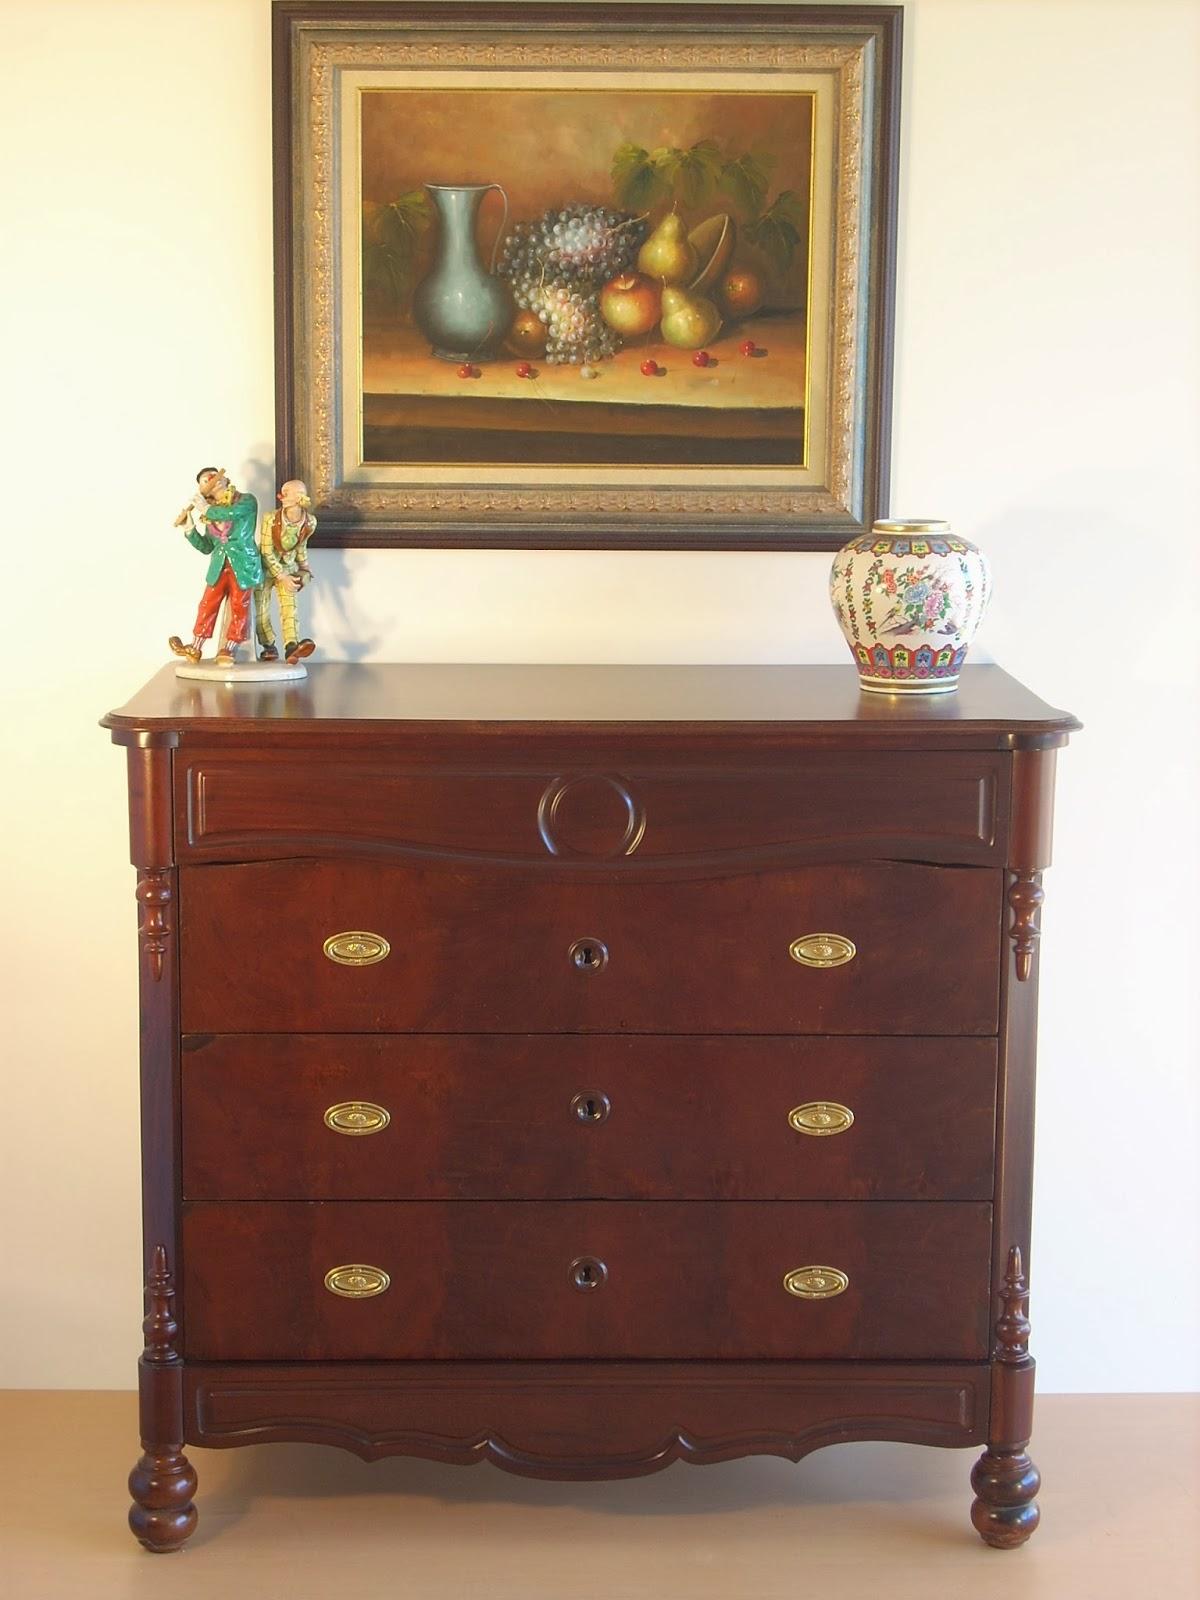 Venta de muebles antiguos restaurados naturmoble comoda - Muebles antiguos restaurados ...